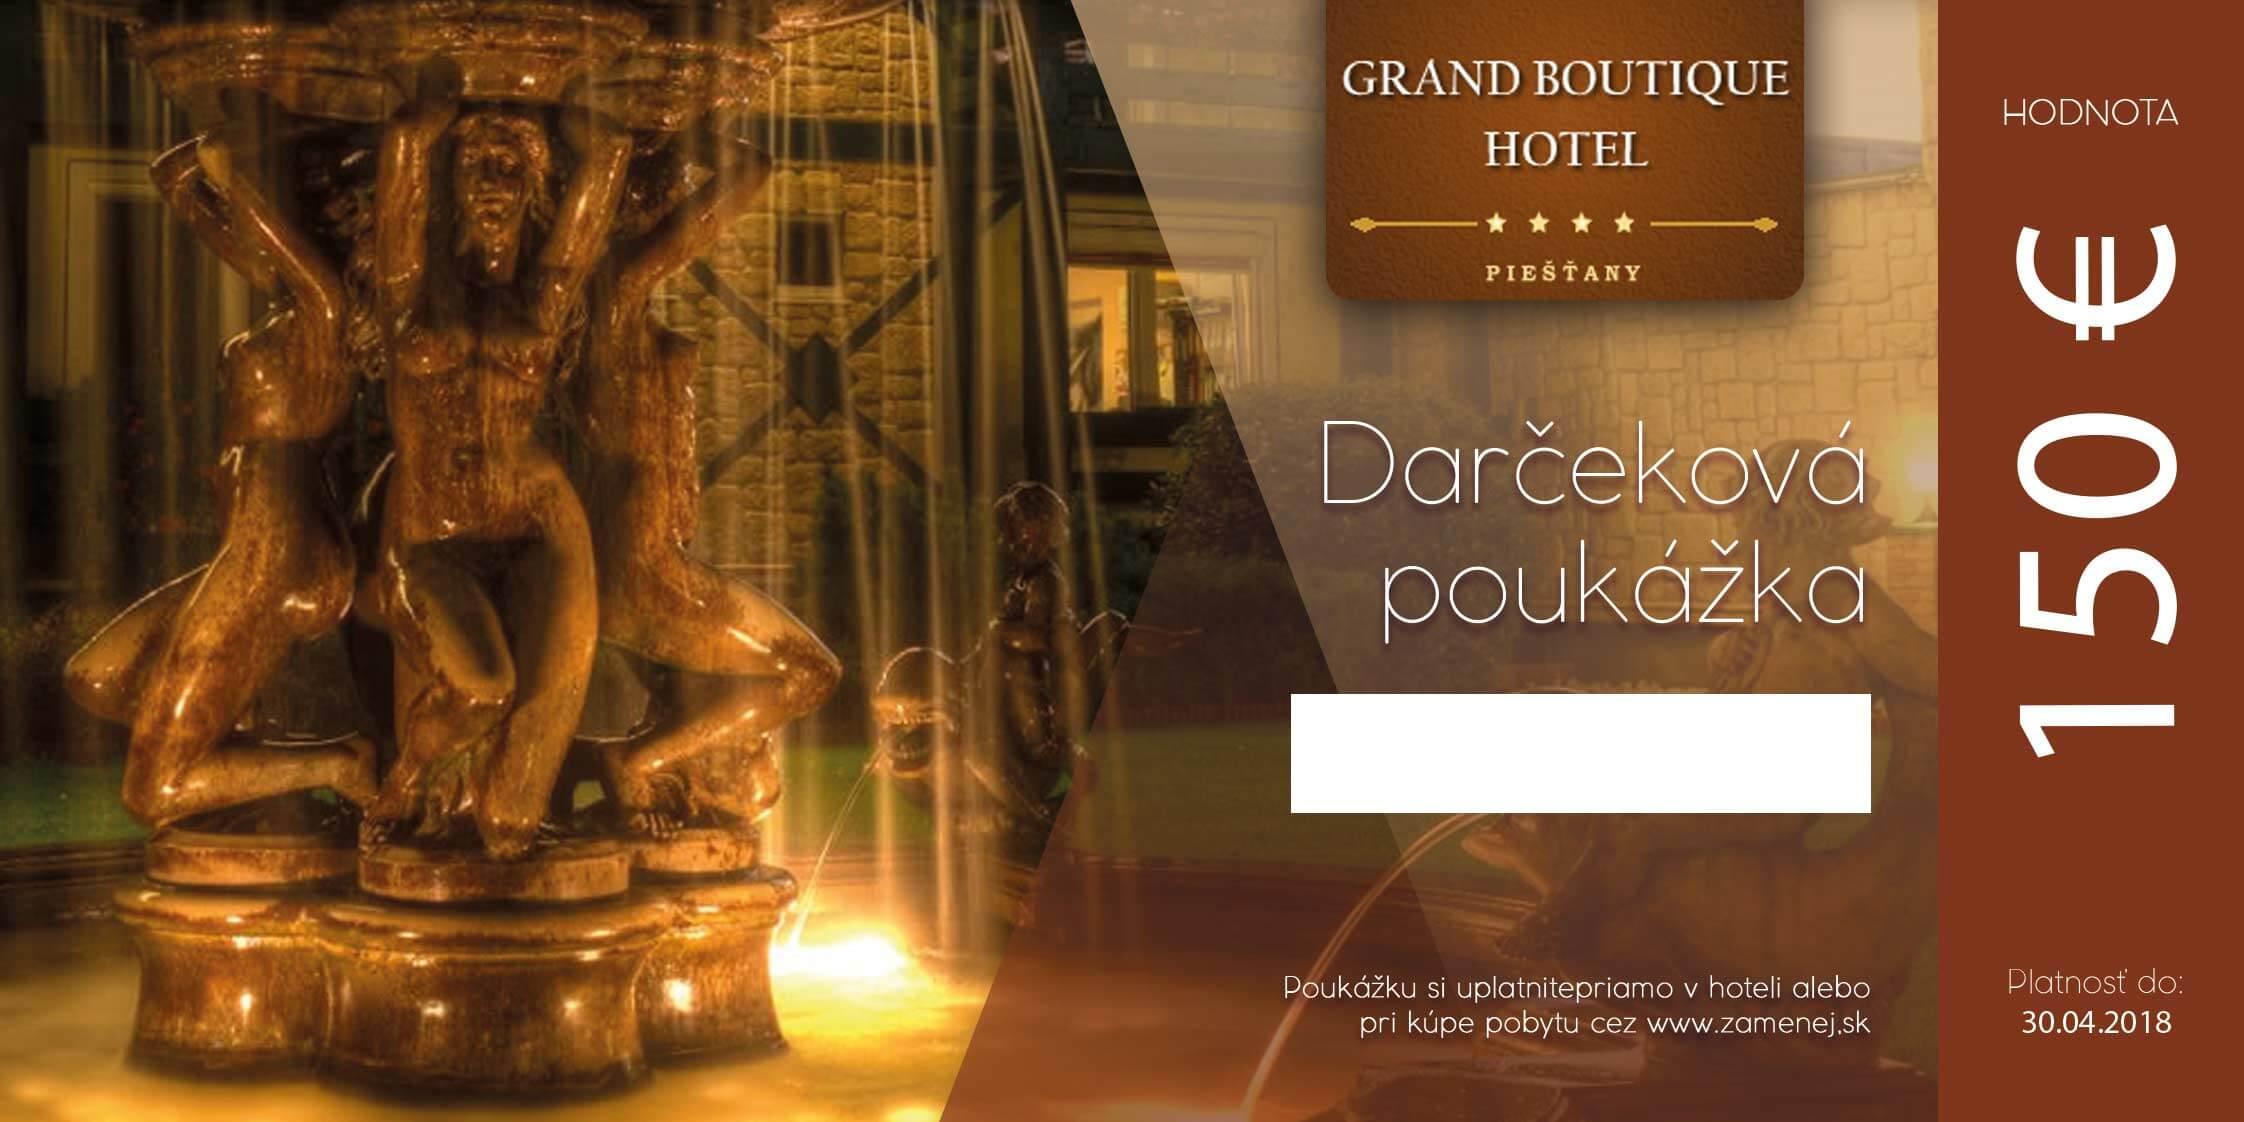 Darčeková poukážka na pobyt v Grand Boutique Hoteli Sergijo**** v hodnote 150 €